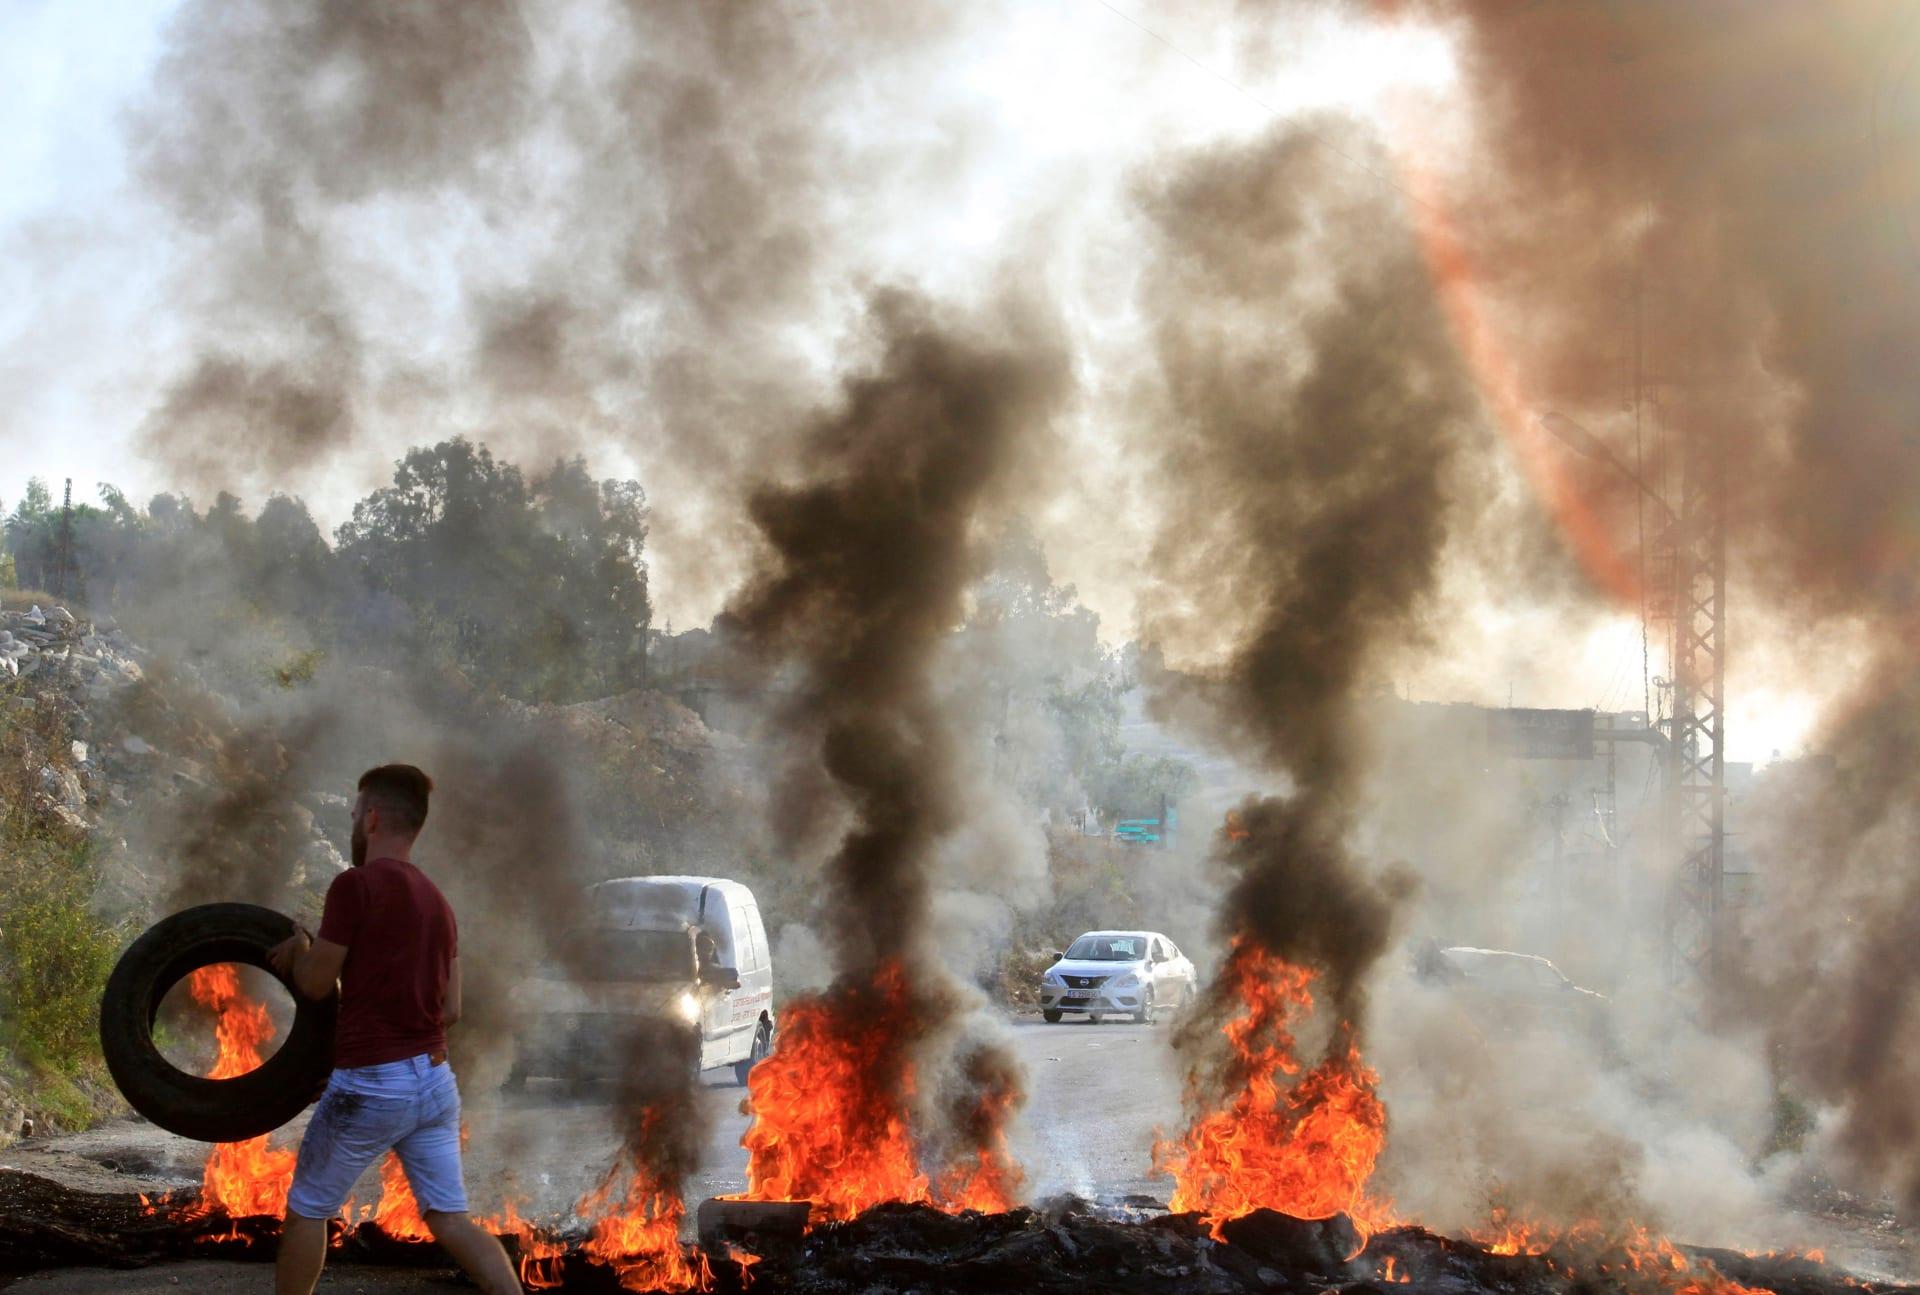 وزير الخارجية اللبناني يدعو أنصاره لعدم المشاركة في الاحتجاجات